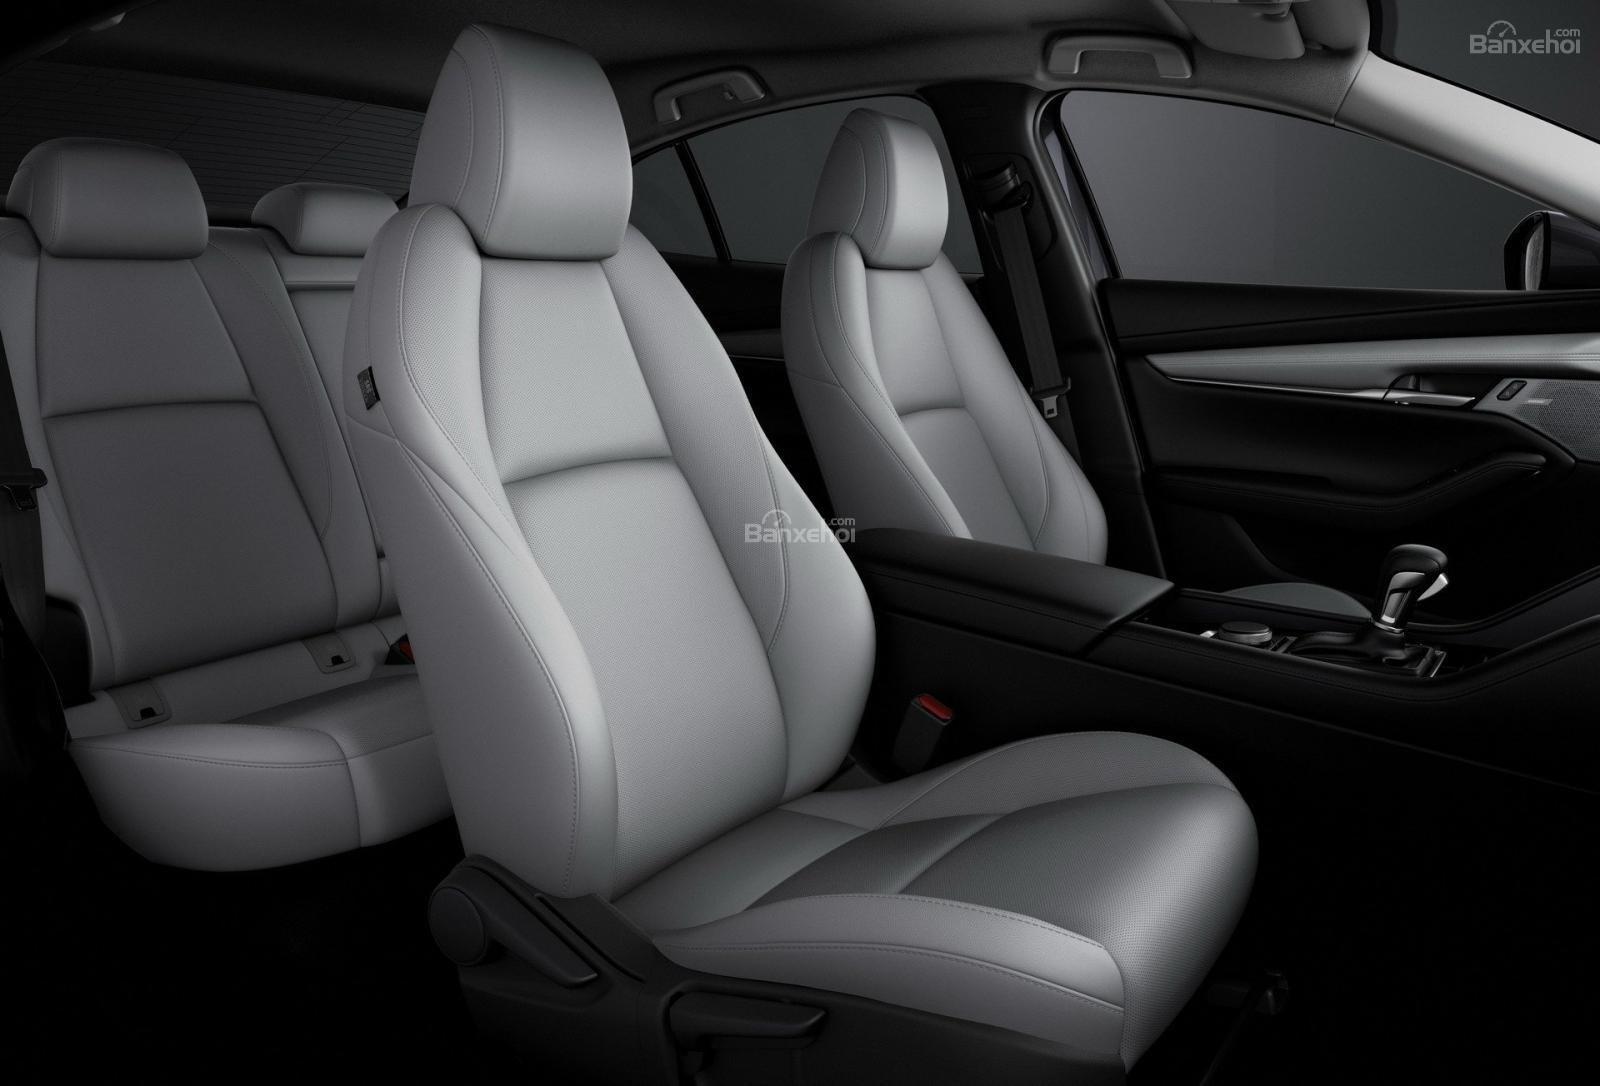 Ảnh nội thất Mazda 3 2019 8a